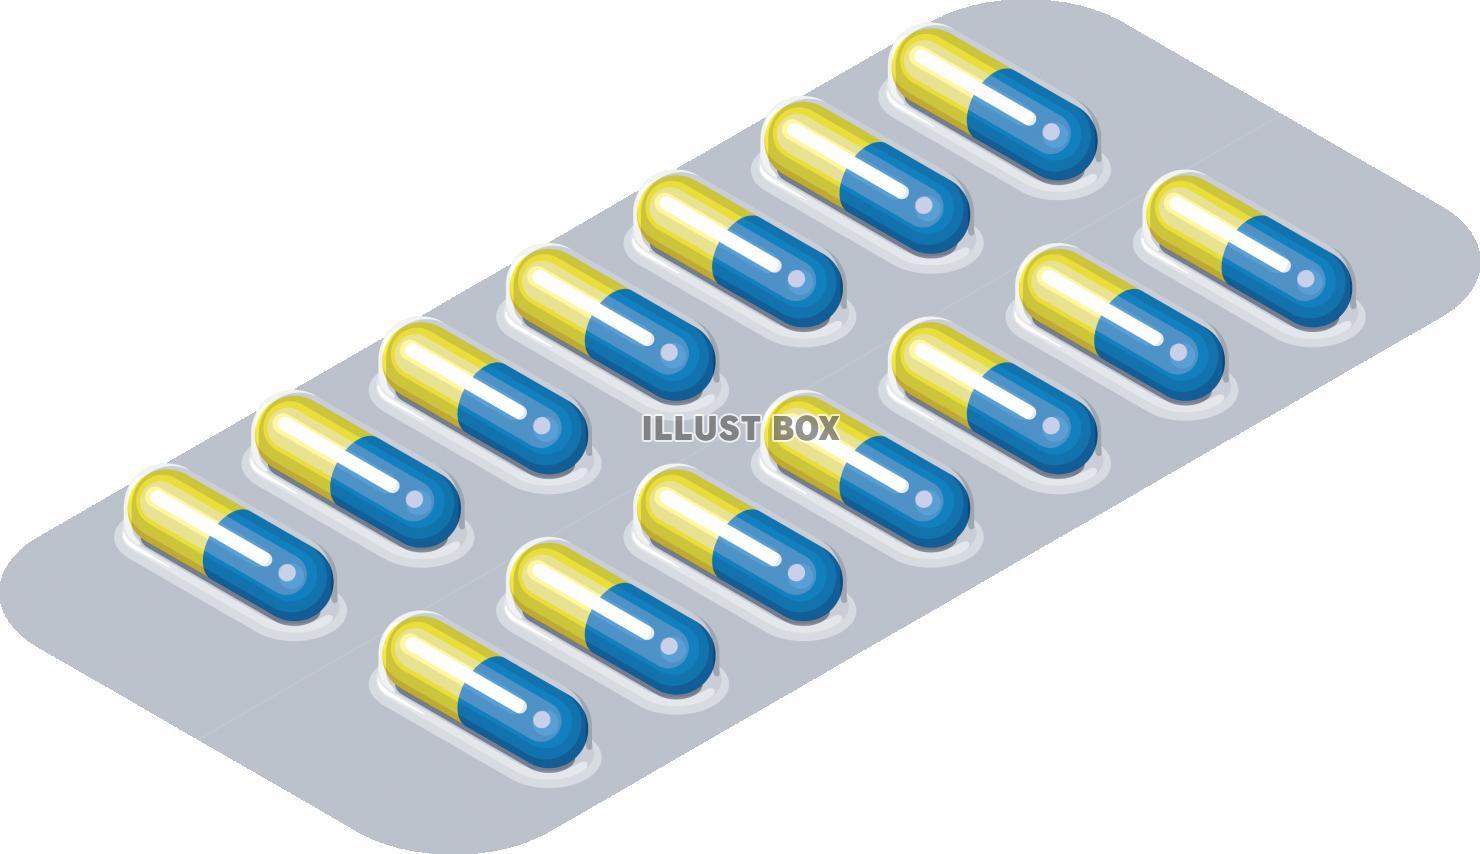 消炎鎮痛剤 市販で買える処方薬の強さ比較 ...